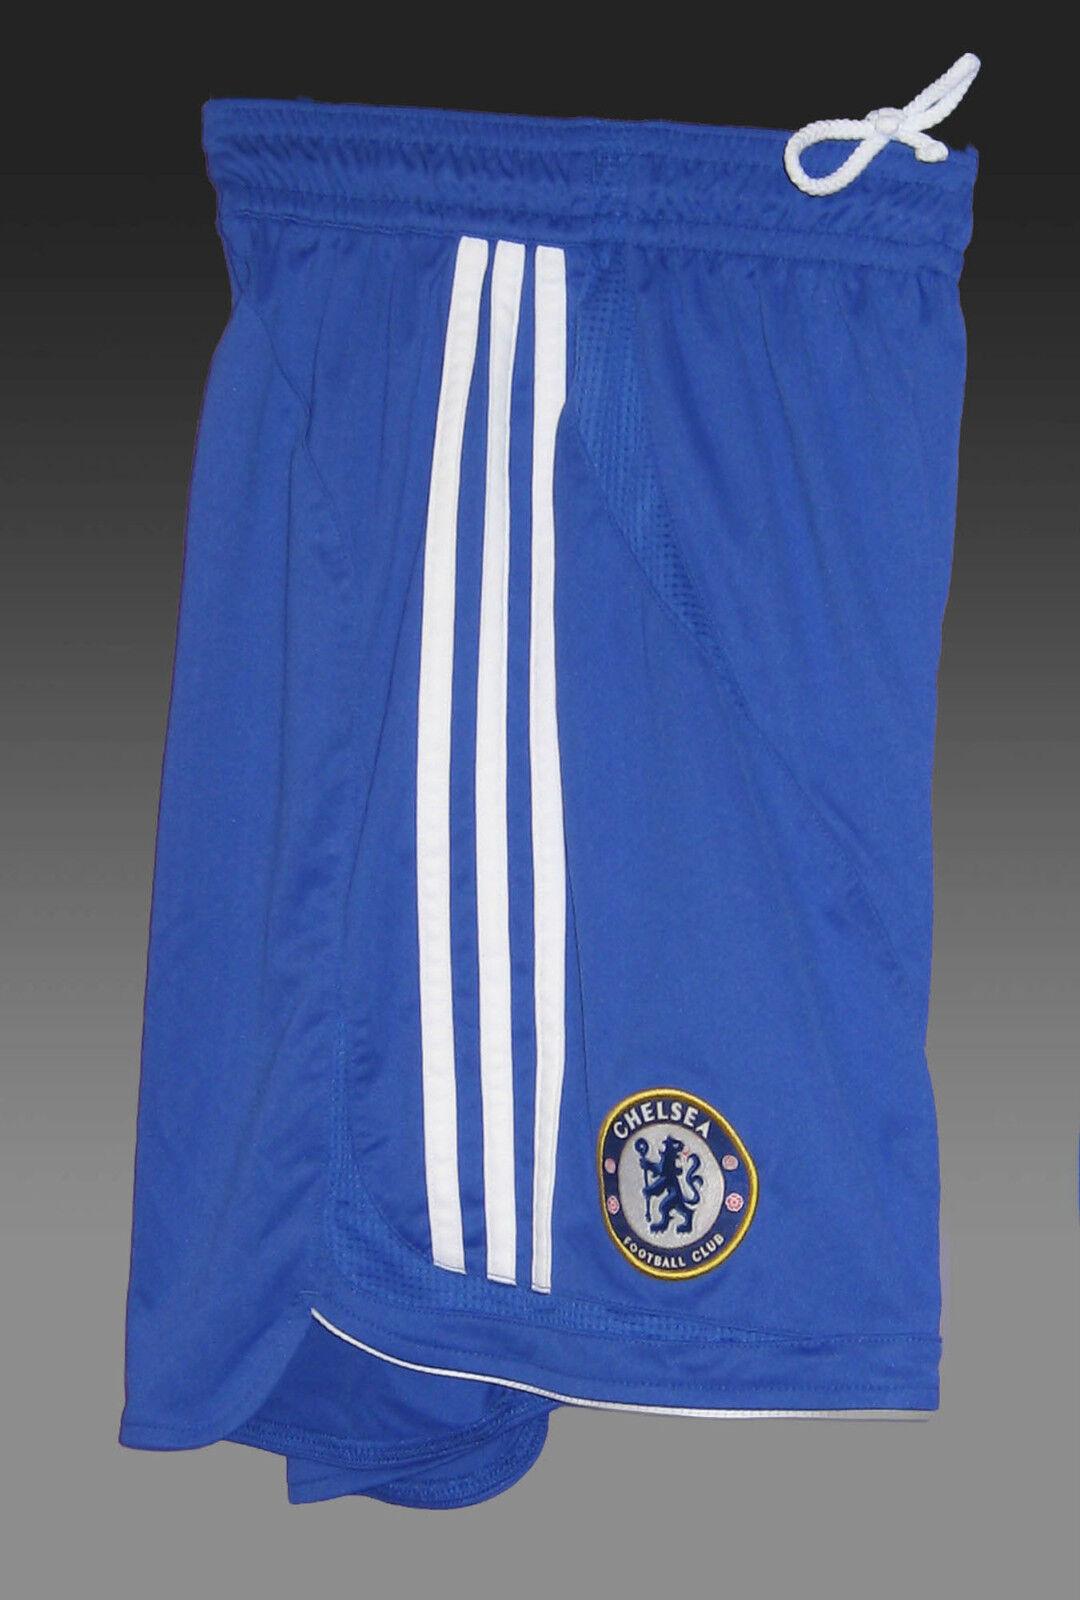 Vintage Adidas Chelsea Shorts de Fútbol Jugador Edición bluee 107cm